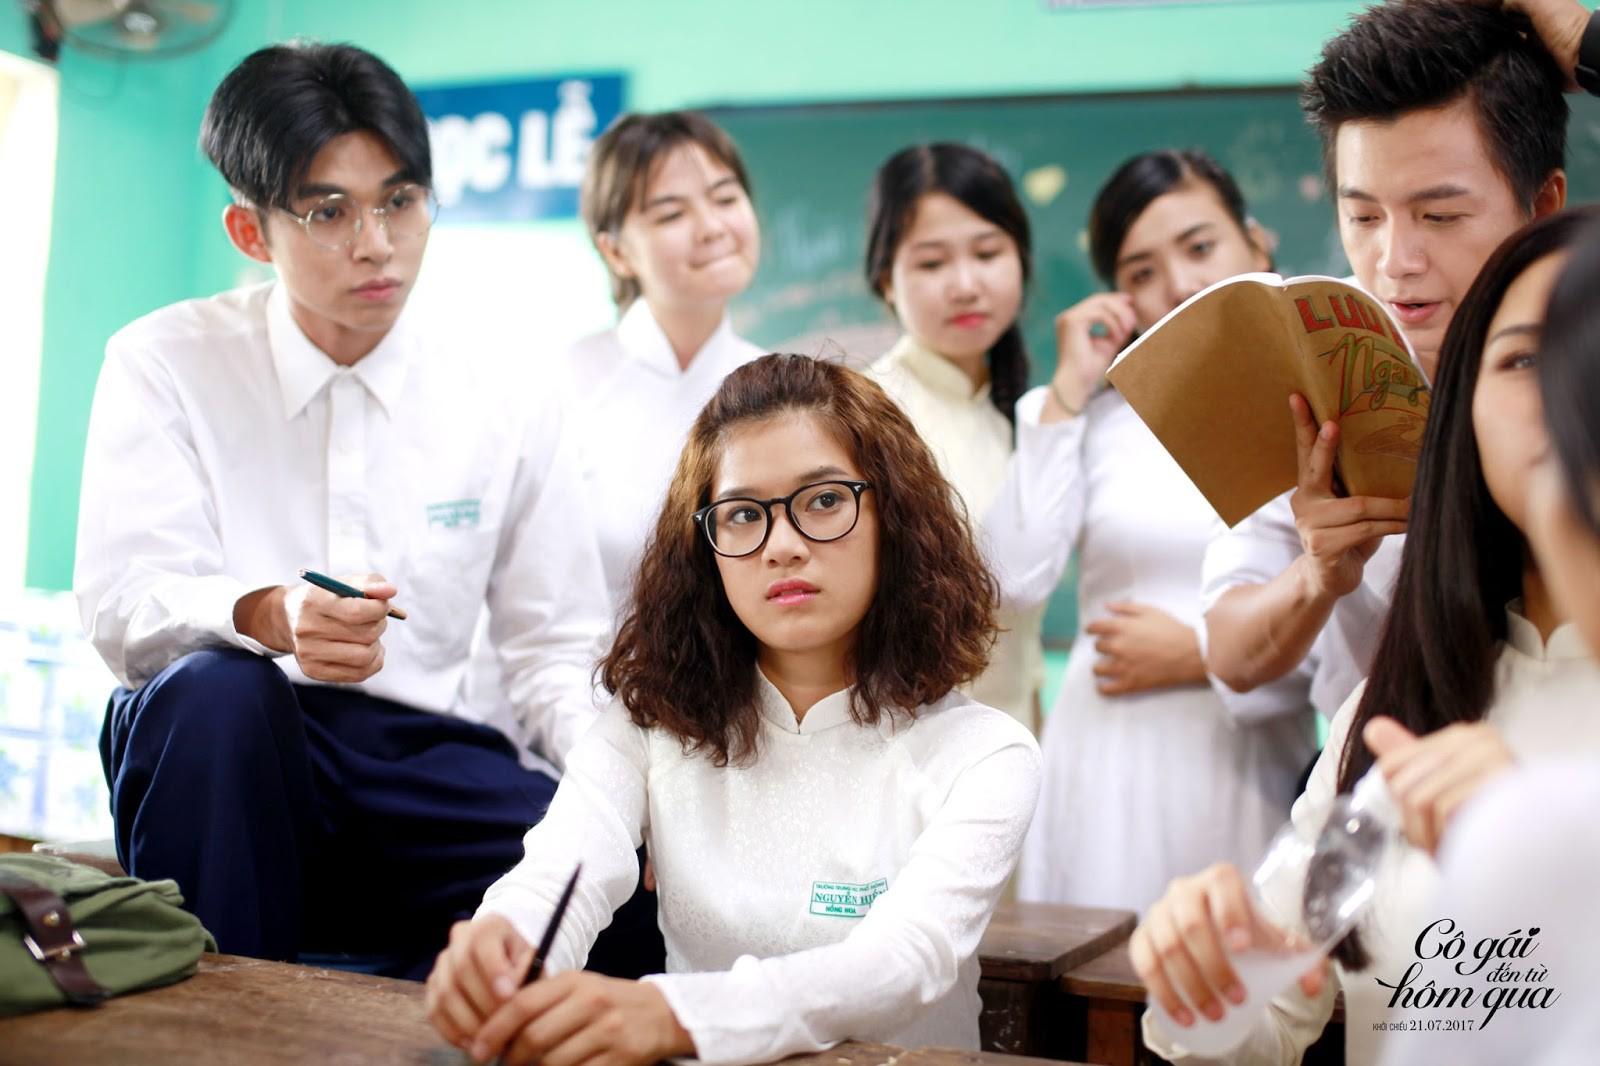 Để xem Hoàng Yến Chibi có xử đẹp Shin Eun Kyung được như Miu Lê đã từng - Ảnh 4.